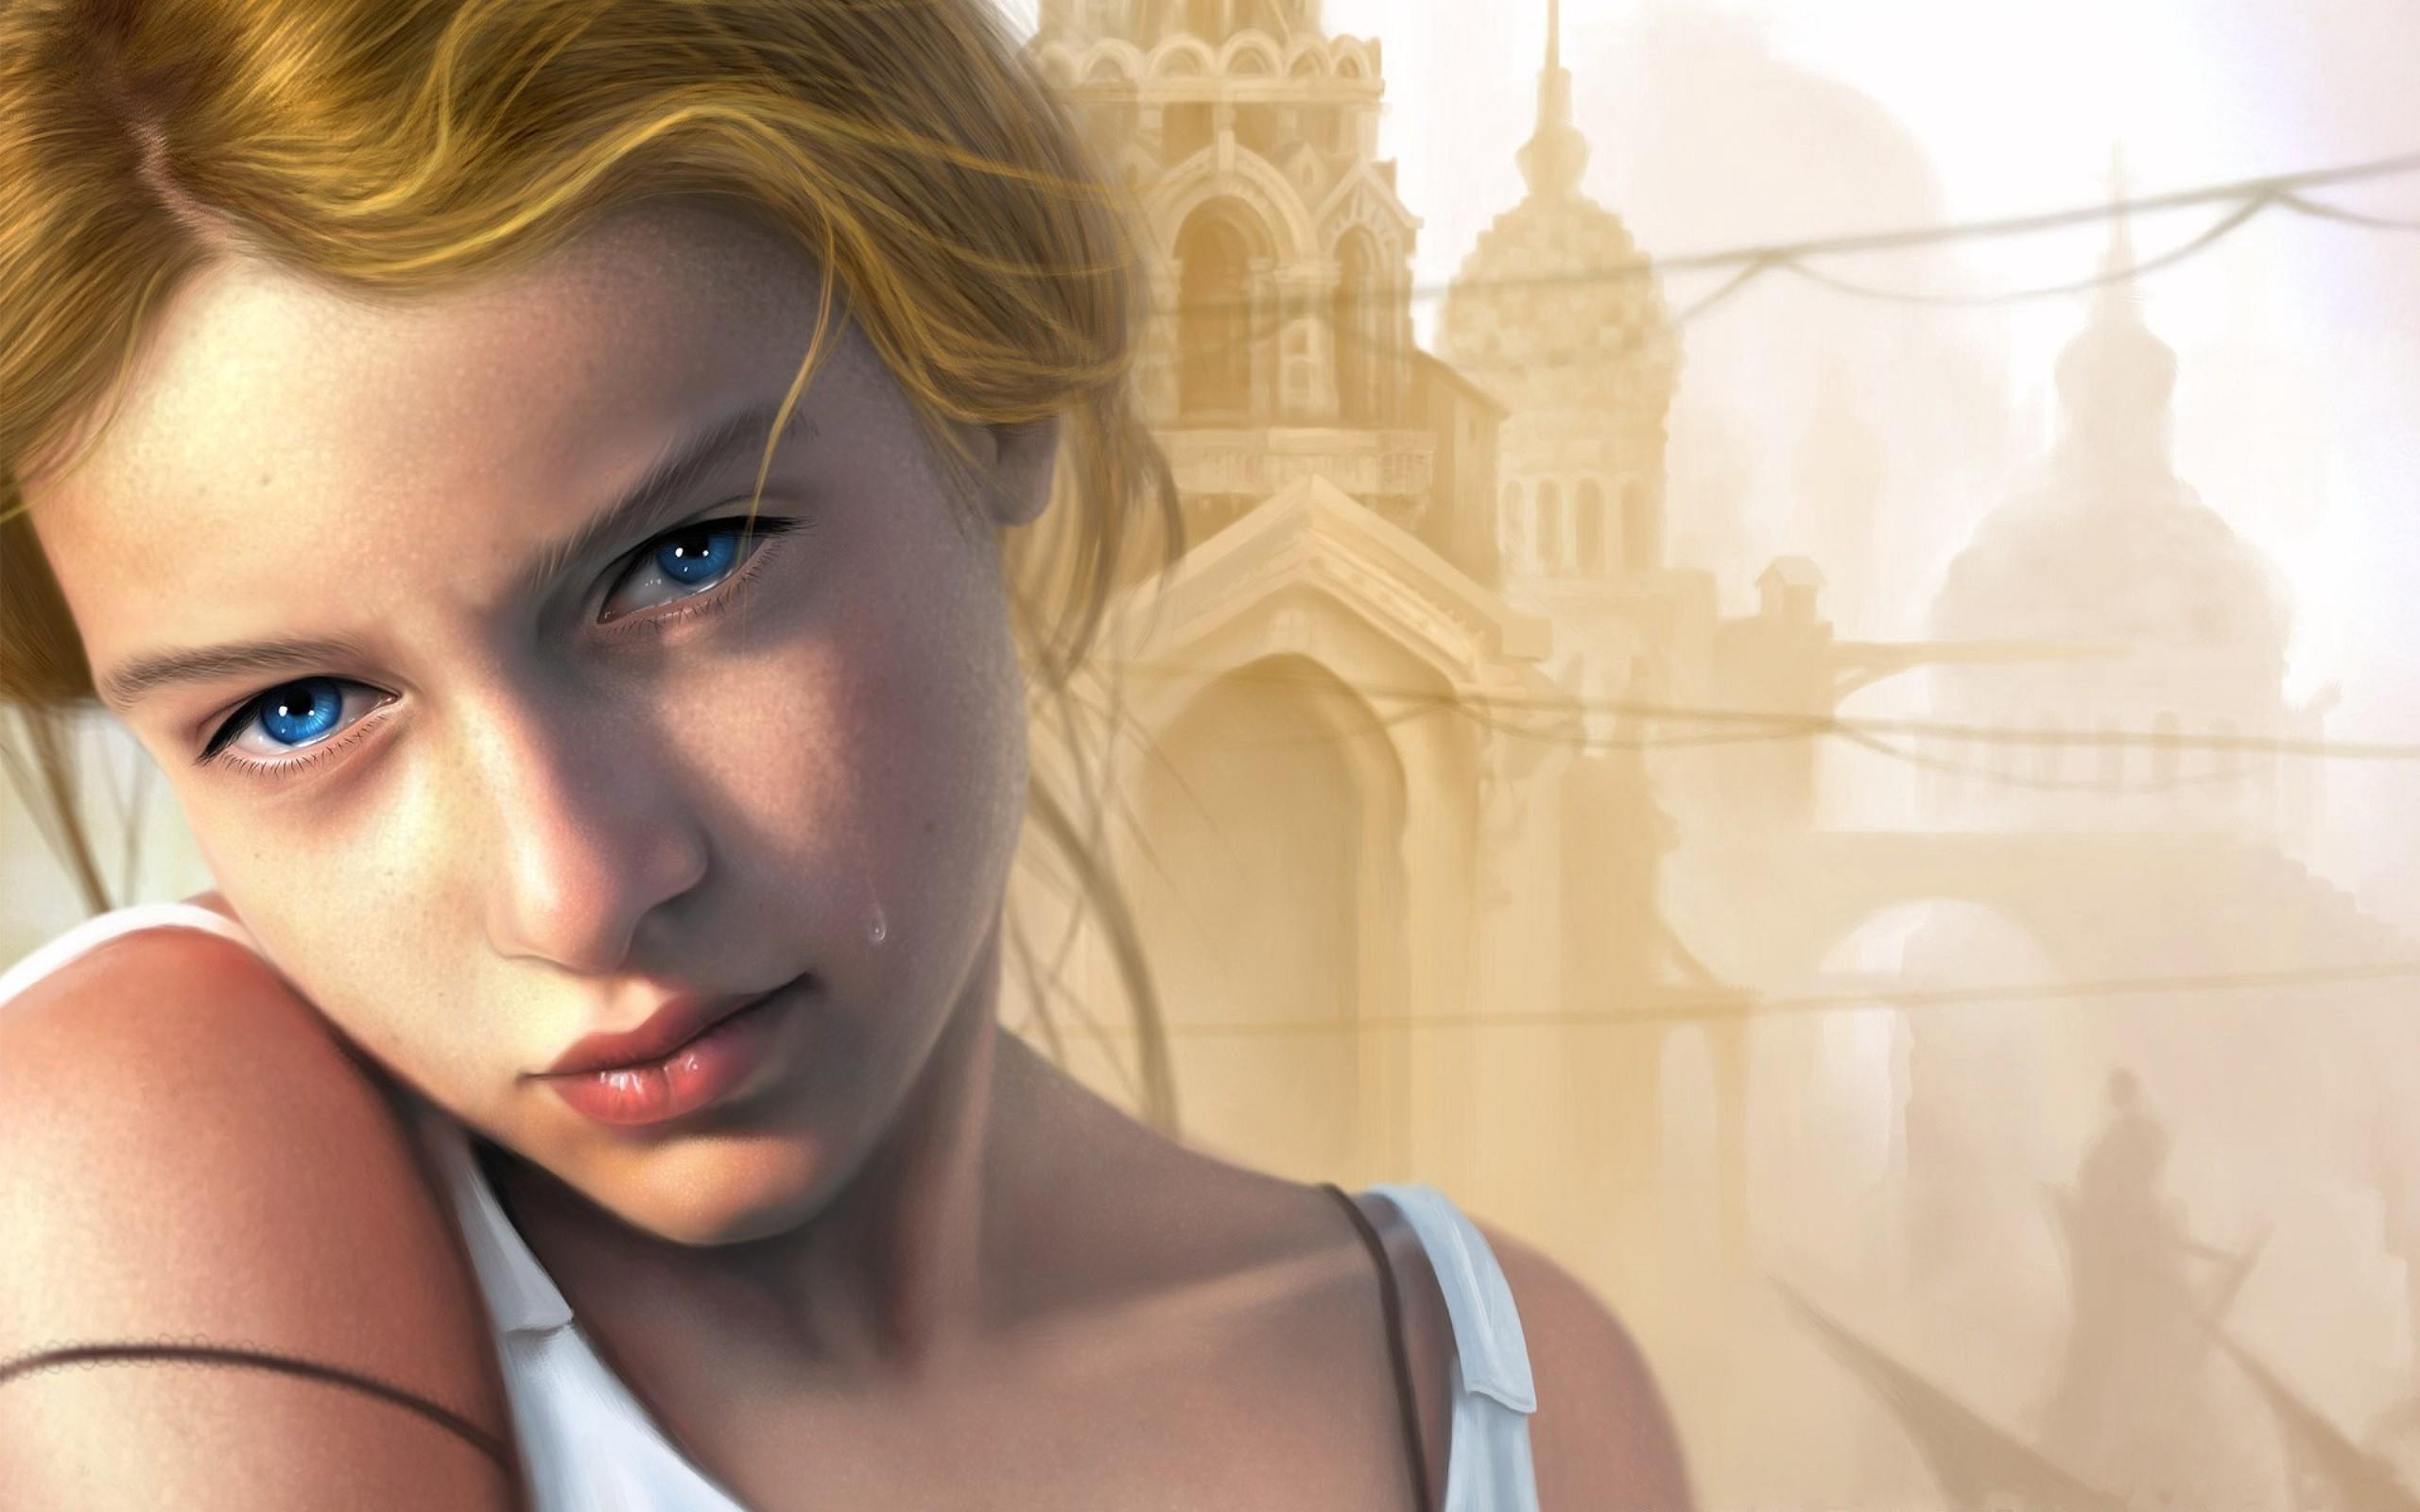 HDoboi.Kiev.ua - Голубоглазая девушка плачет, обои на рабочий стол лица девушек